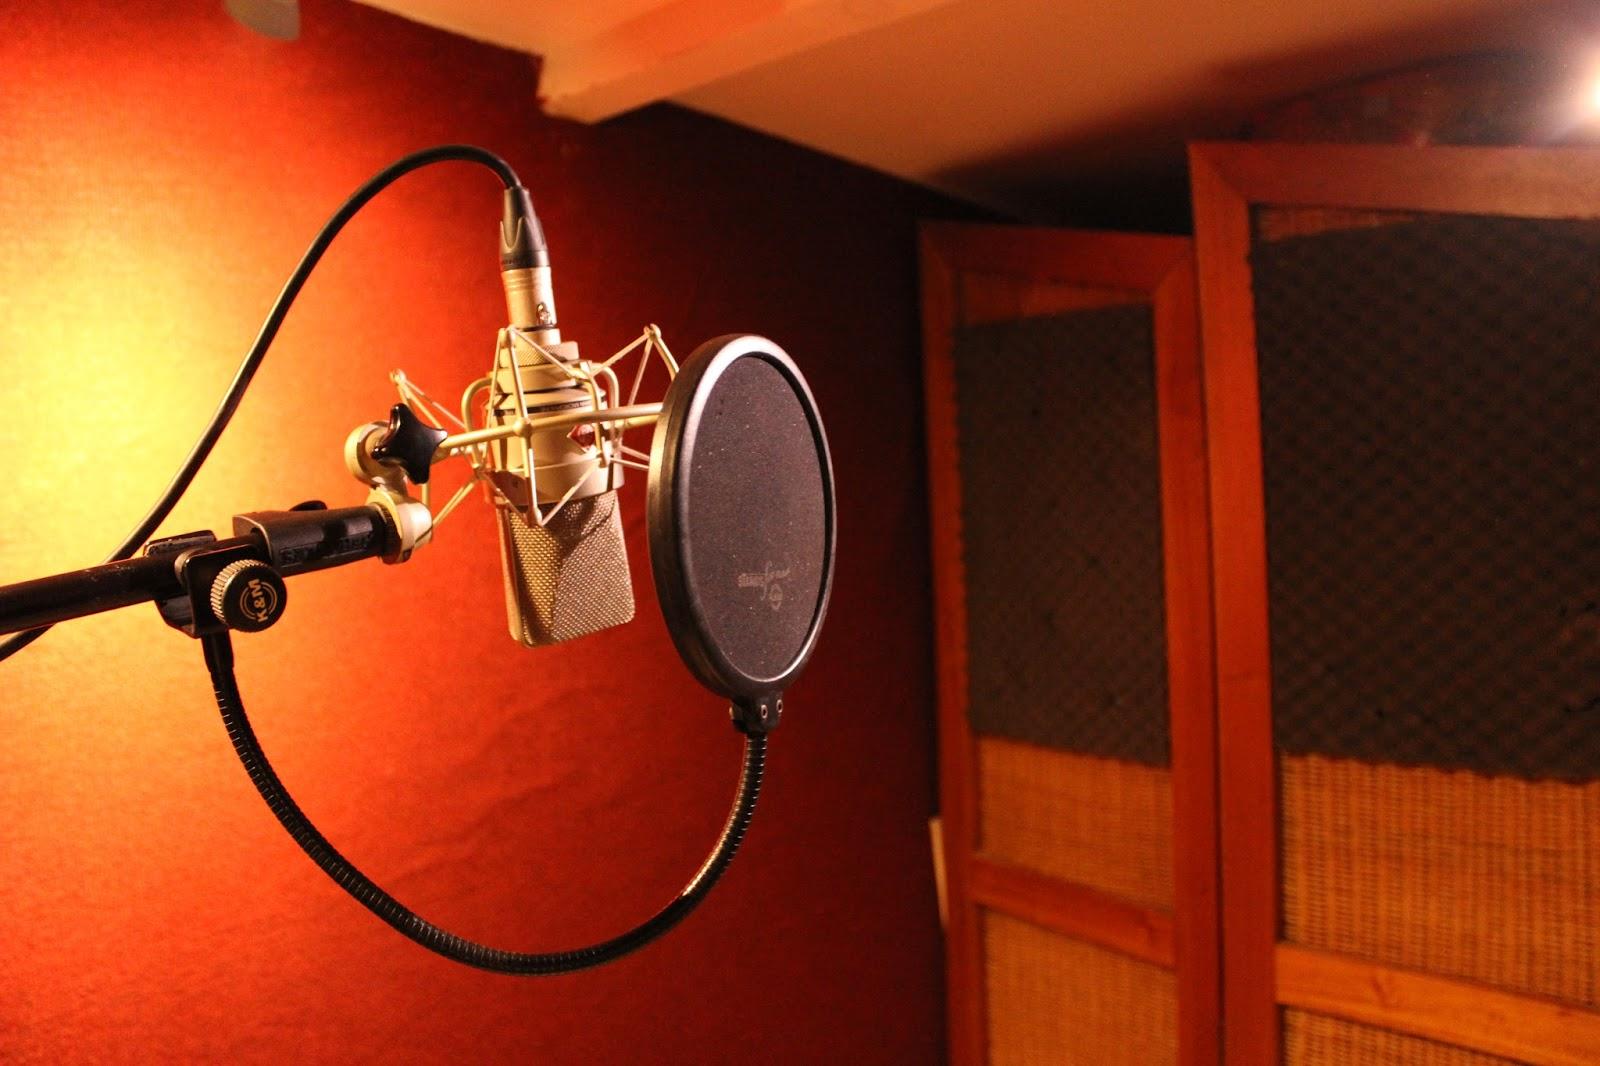 medusa_prod_studio_d_enregistrement_prise_de_chant_prises_de_son_acoustque_voix_off_post_prod_audio_ingenieur_du_son_marseille